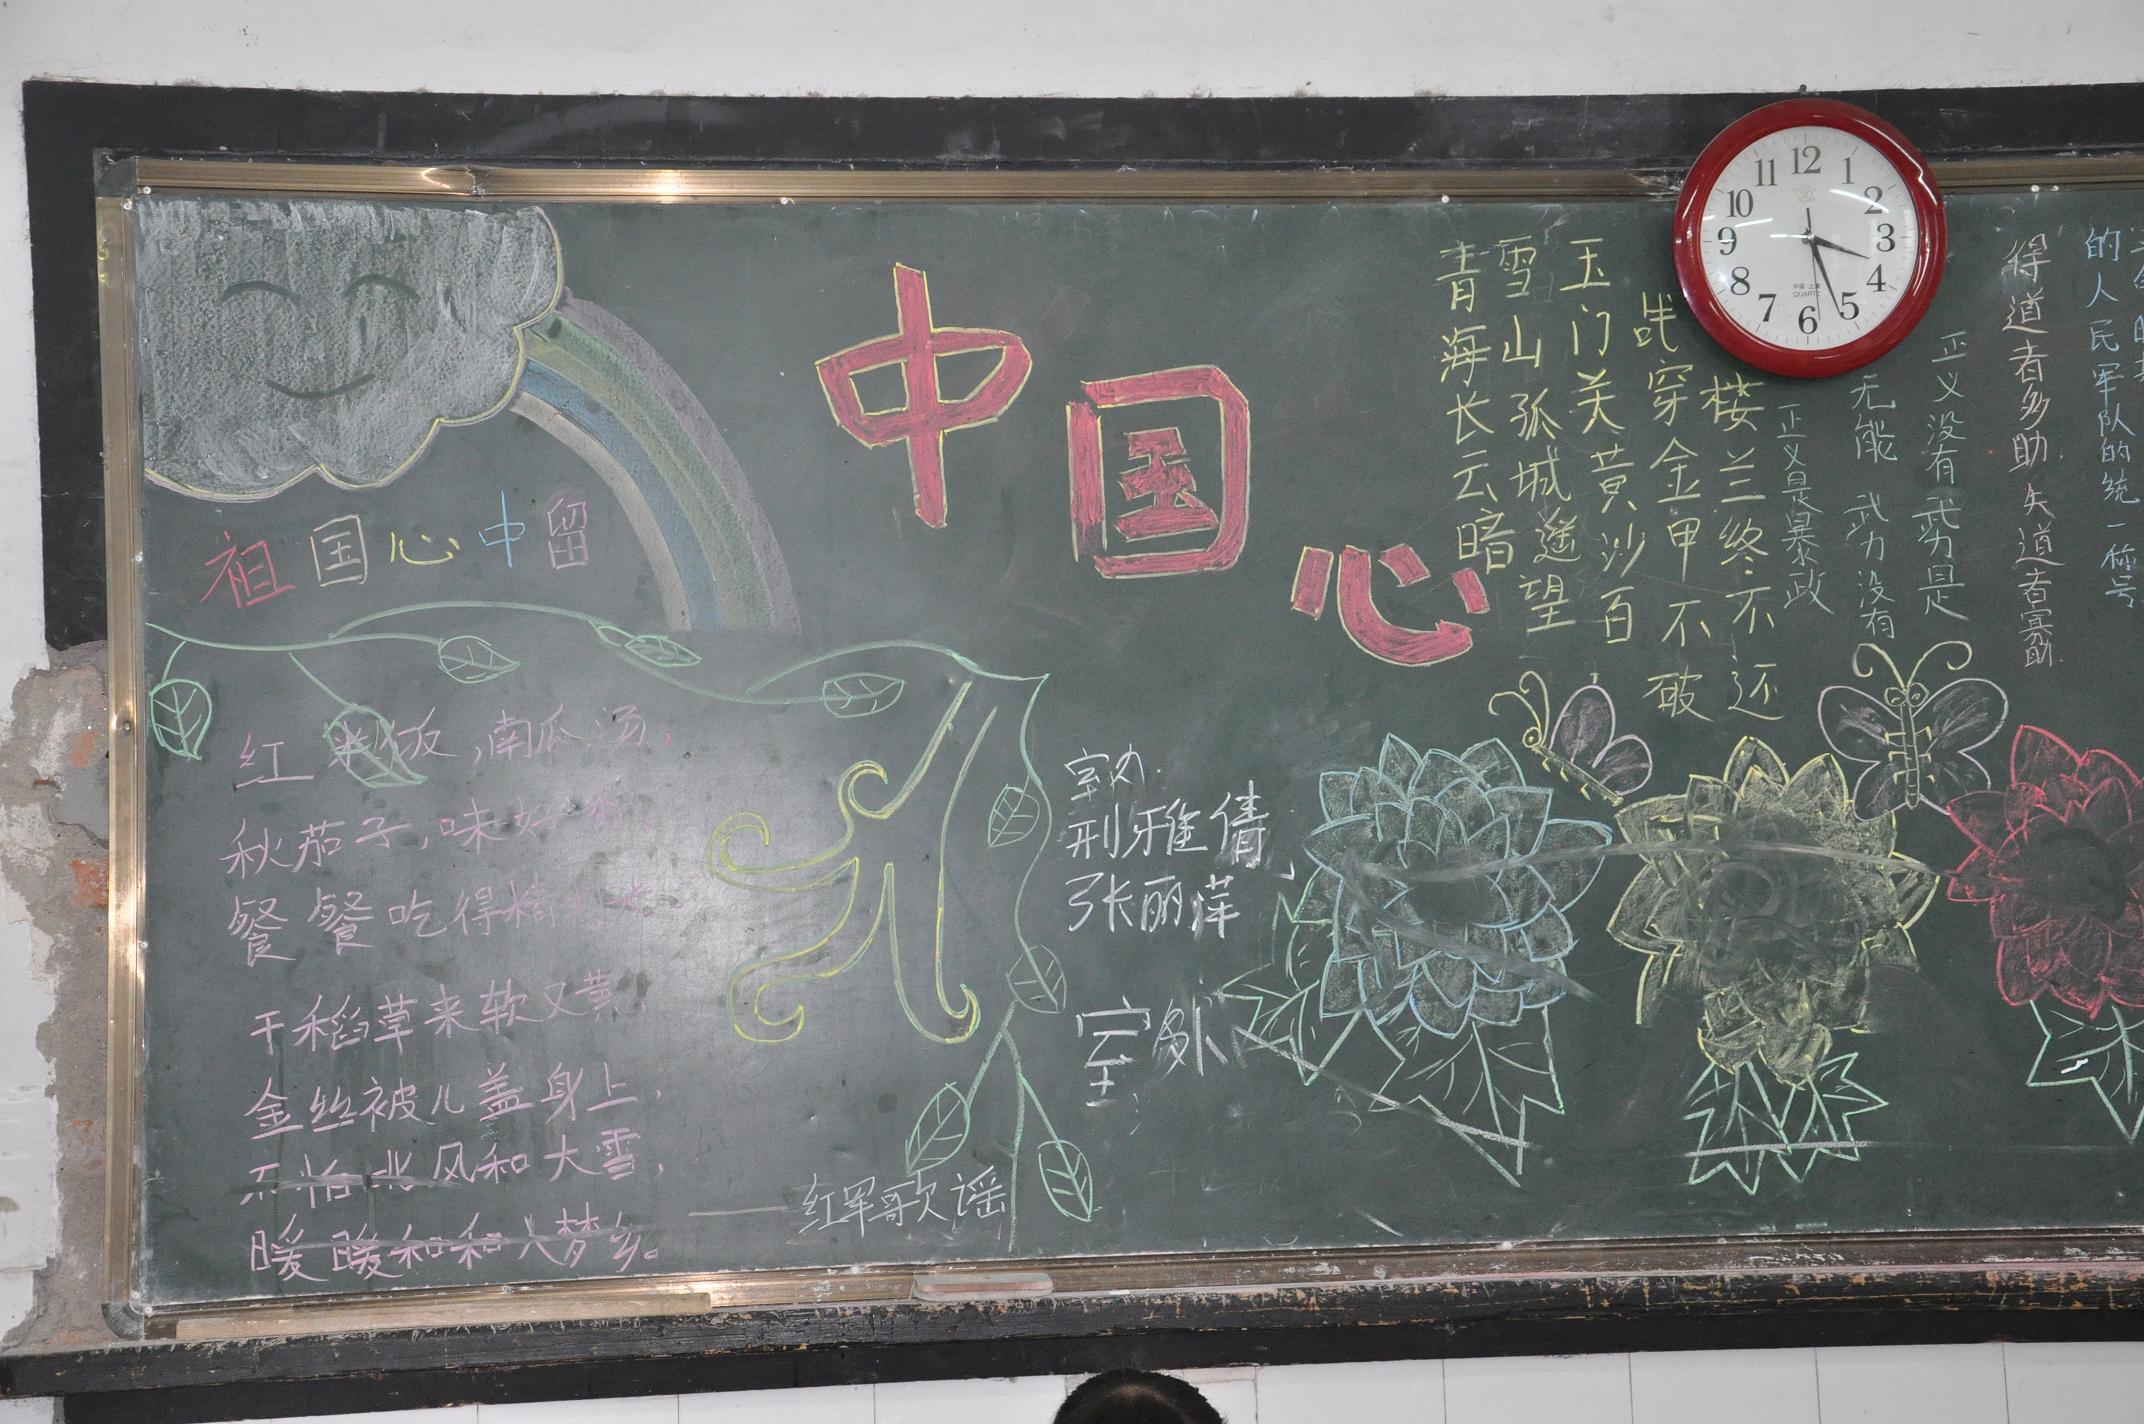 毕业黑板报图片-毕业黑板报模板-毕业黑板报设计素材-图怪兽